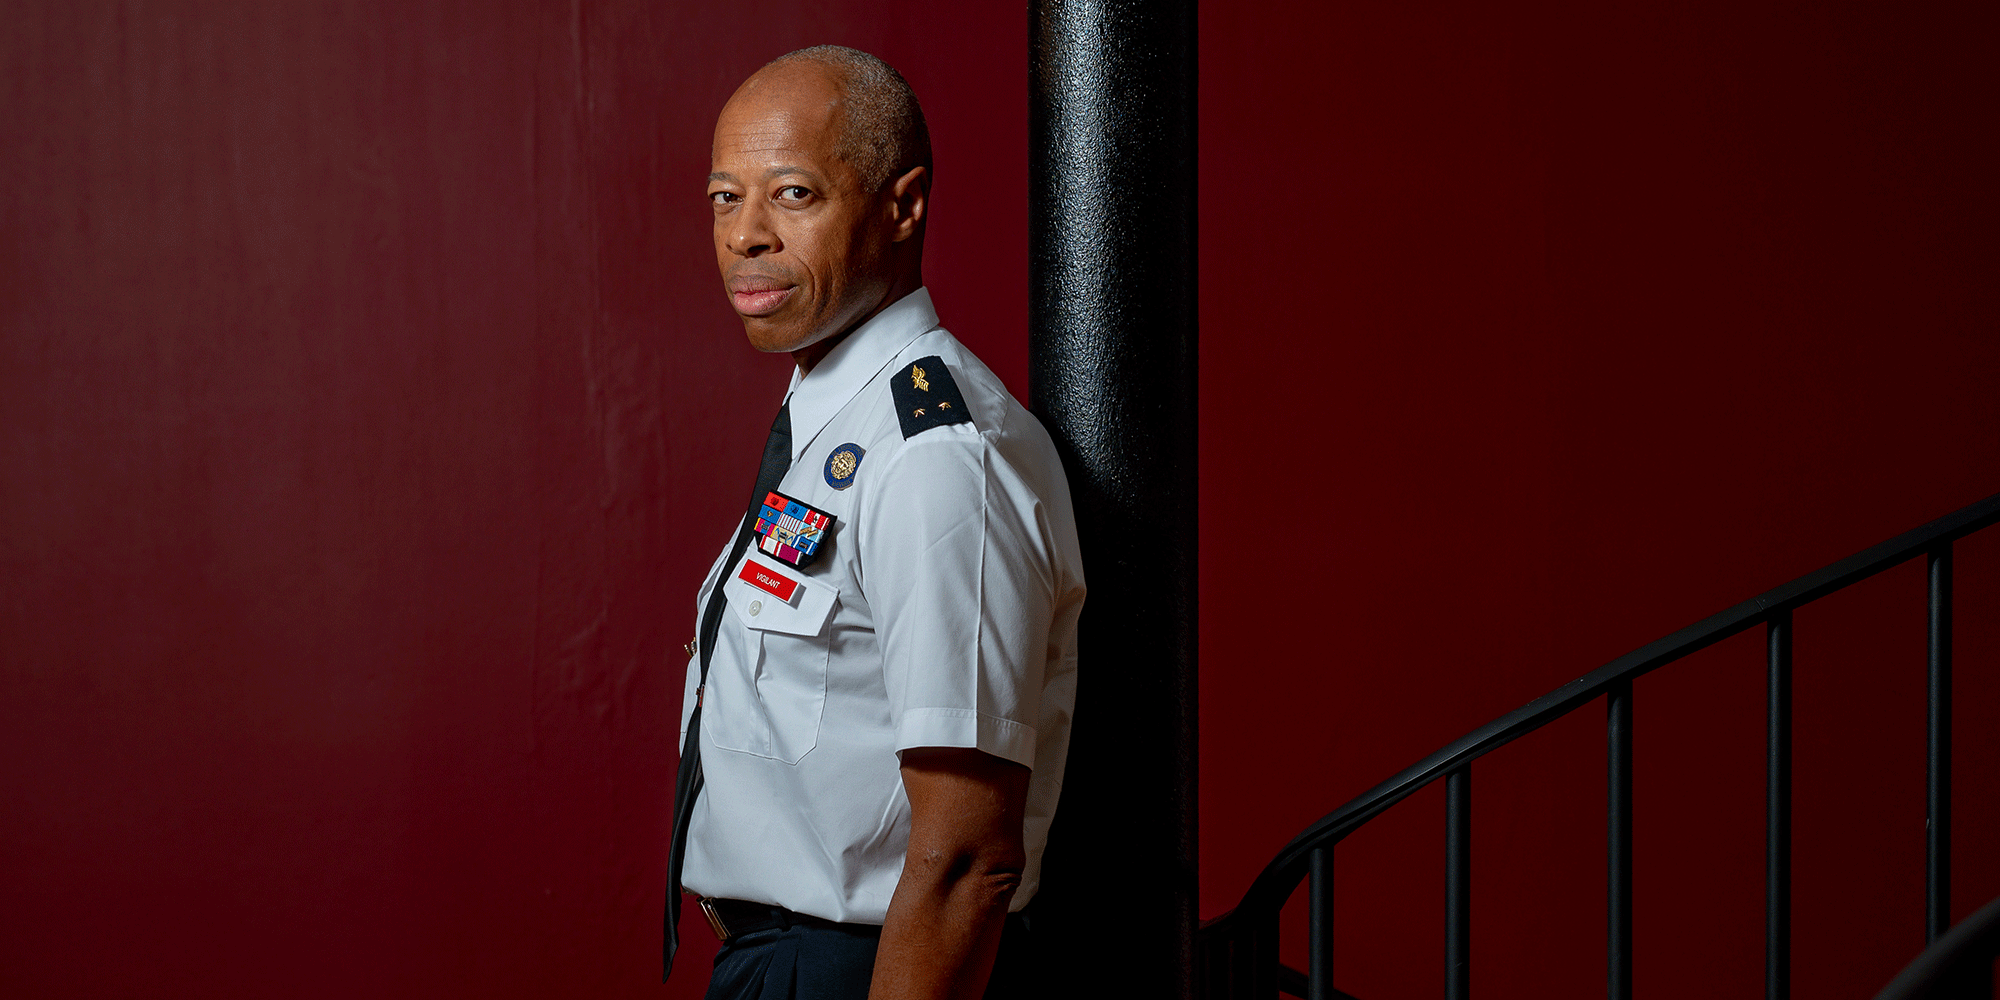 """Général Jean-Marc Vigilant, commandant de l'Ecole de Guerre : """"J'étais presque toujours le seul noir"""""""